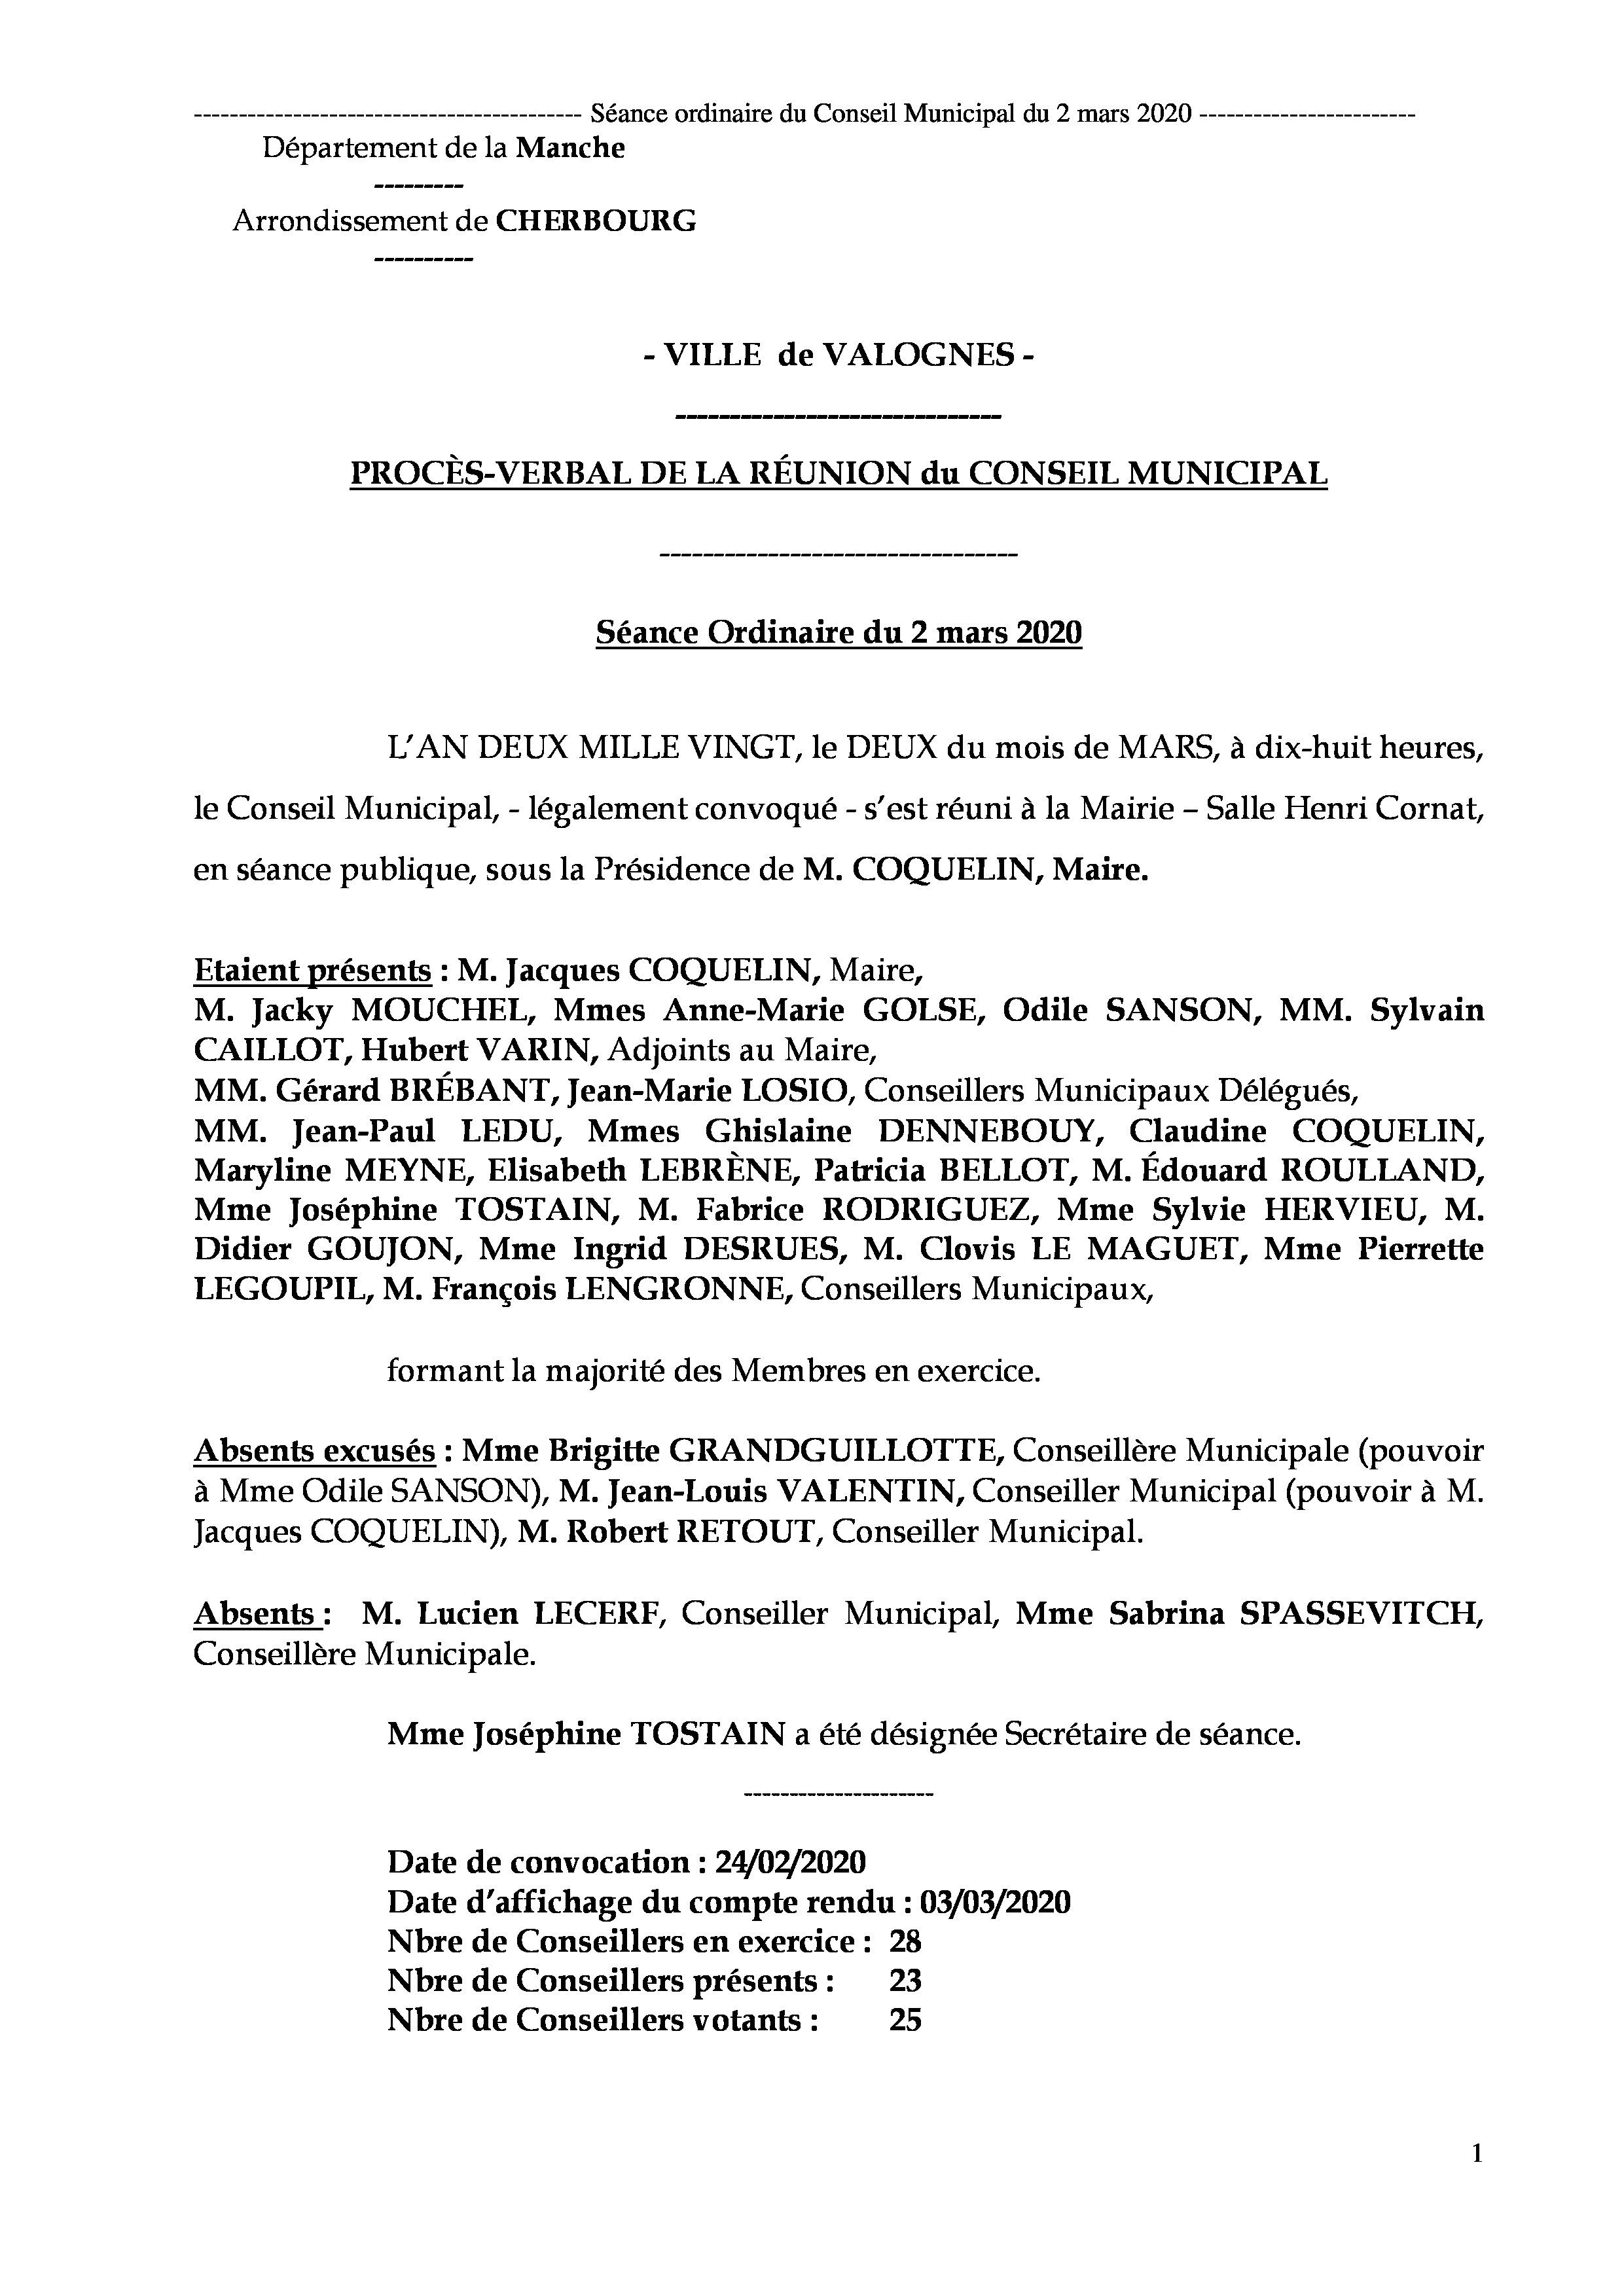 Procès-verbal de séance 02 03 20 - Procès-verbal de la réunion du Conseil Municipal du 2 mars (dernière séance de la mandature 2014-2020)